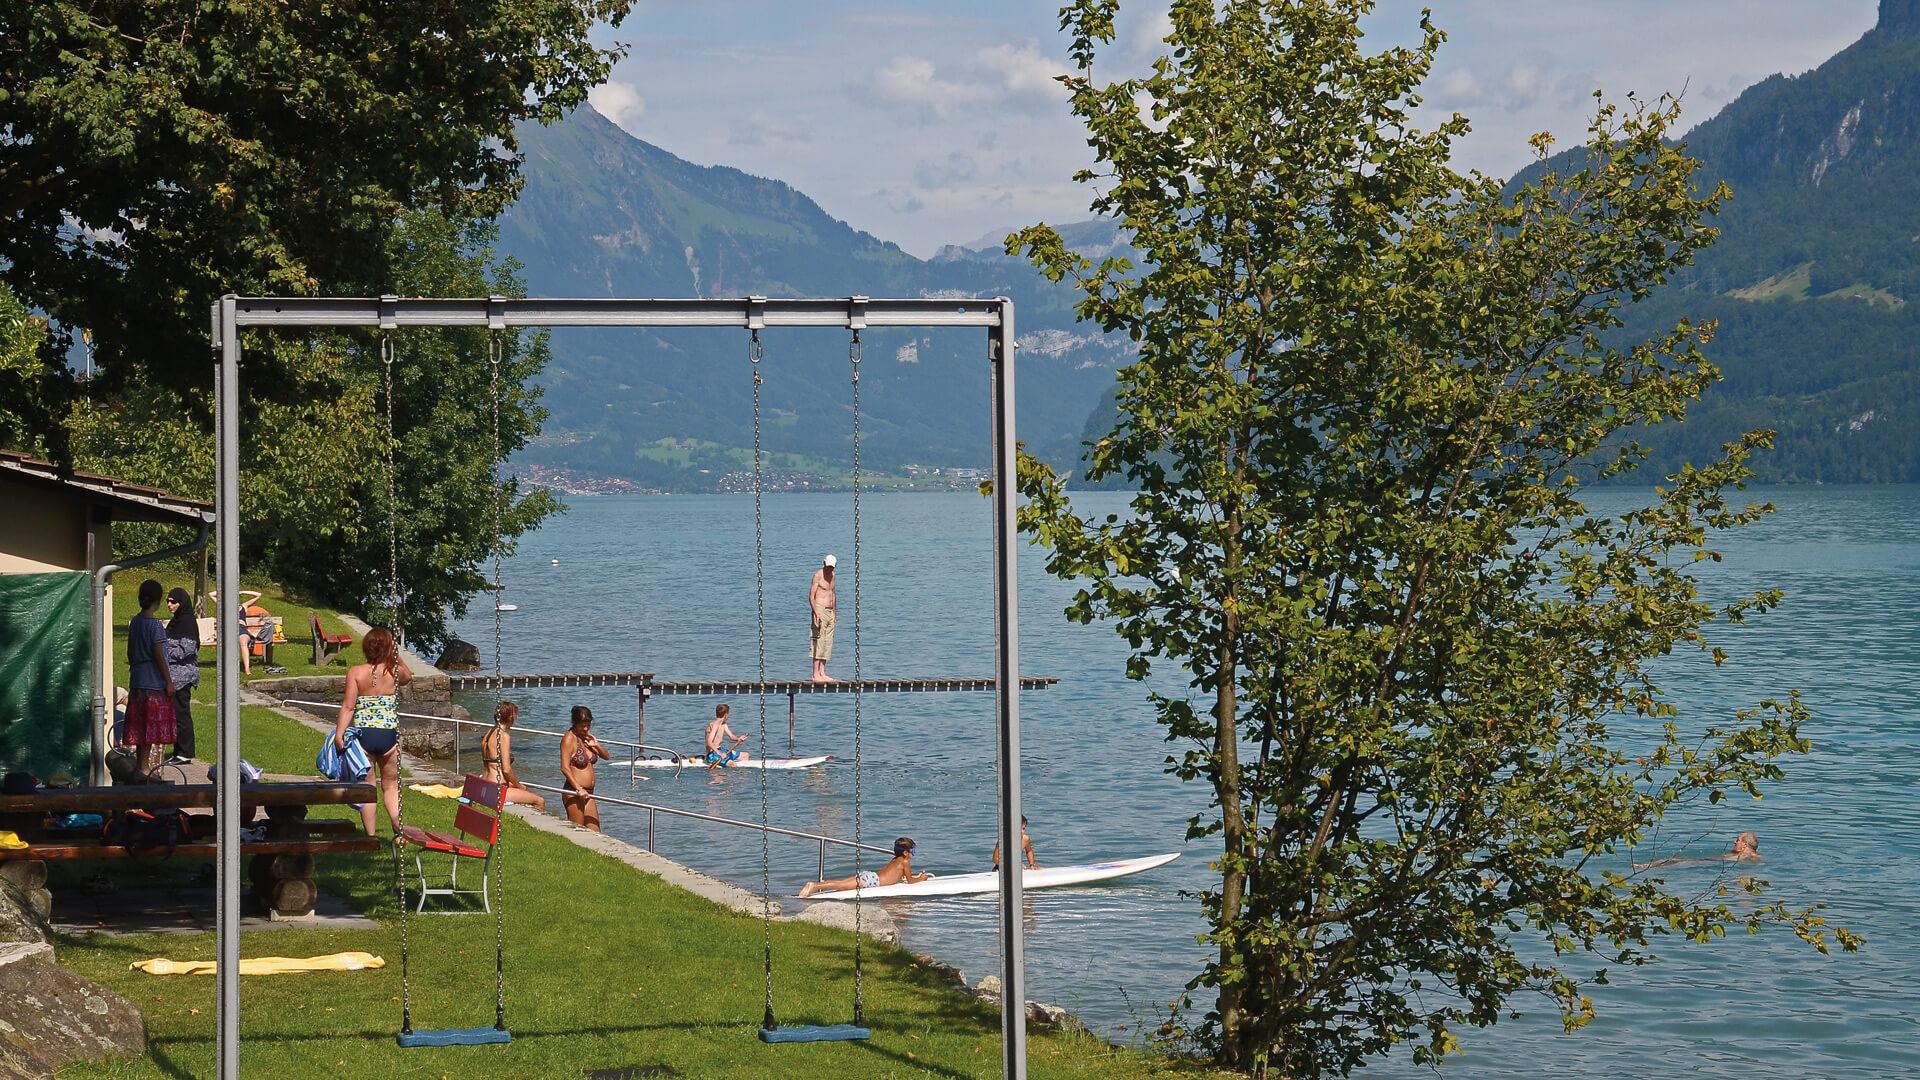 niederried-freibad-sommer-spielplatz-brienzersee